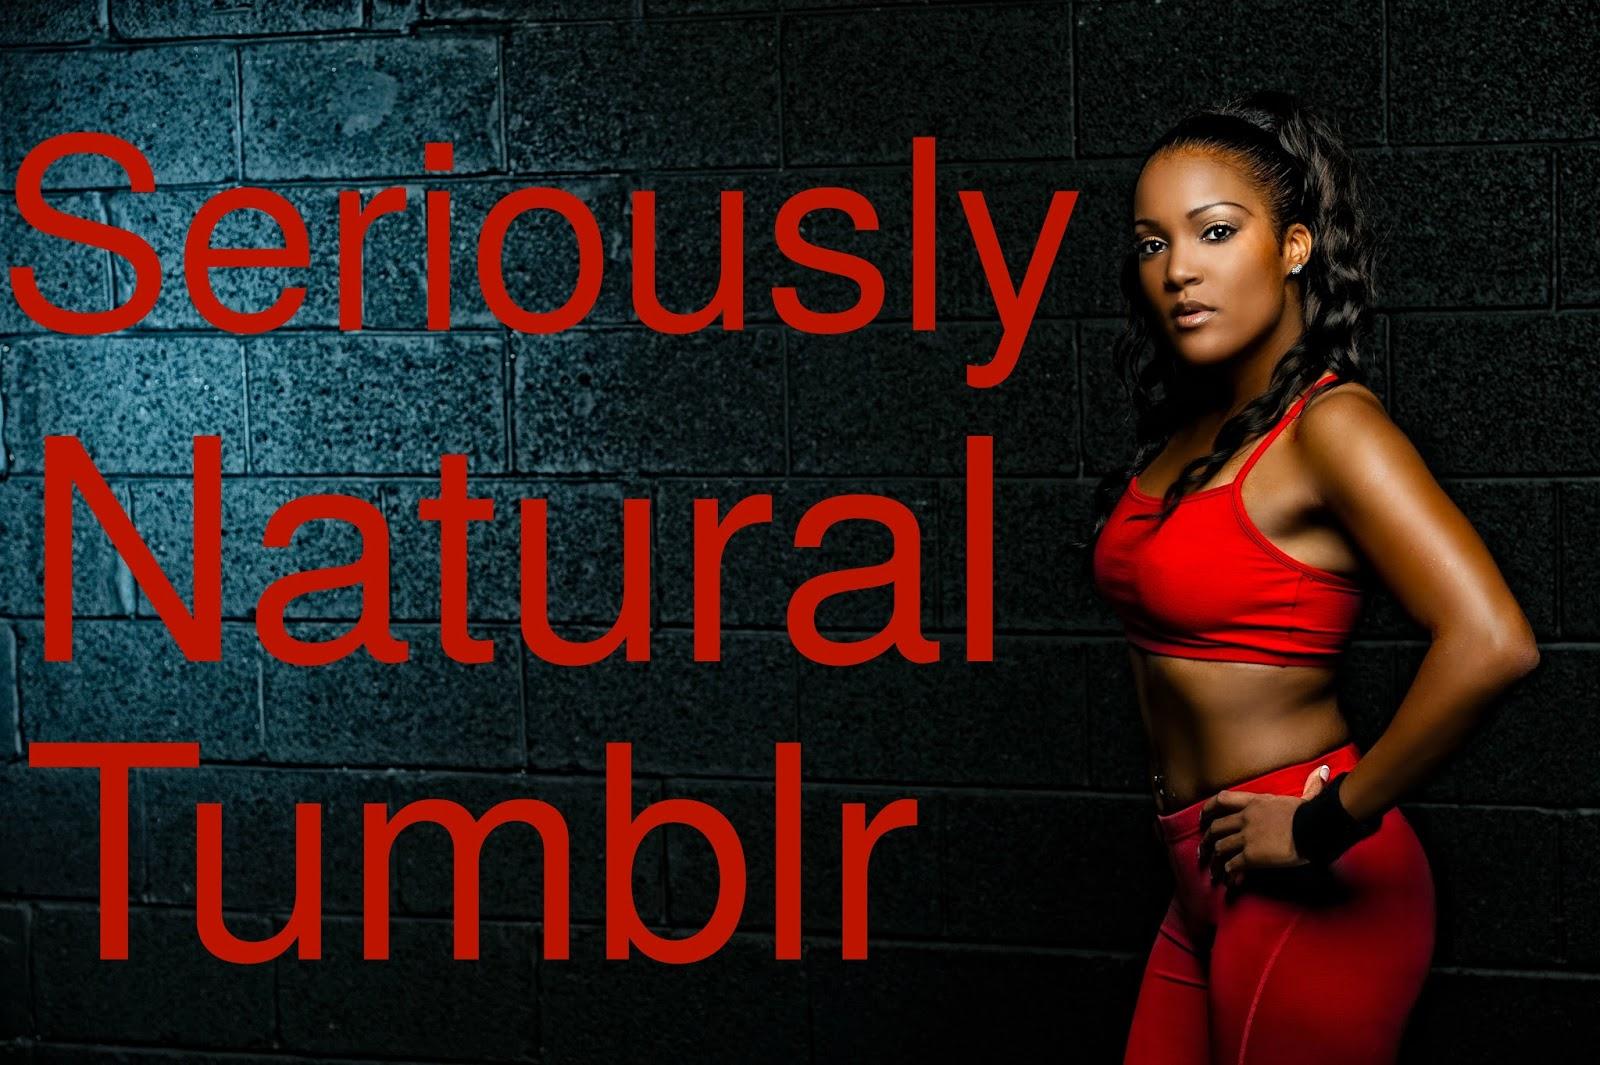 Seriously Natural Tumblr